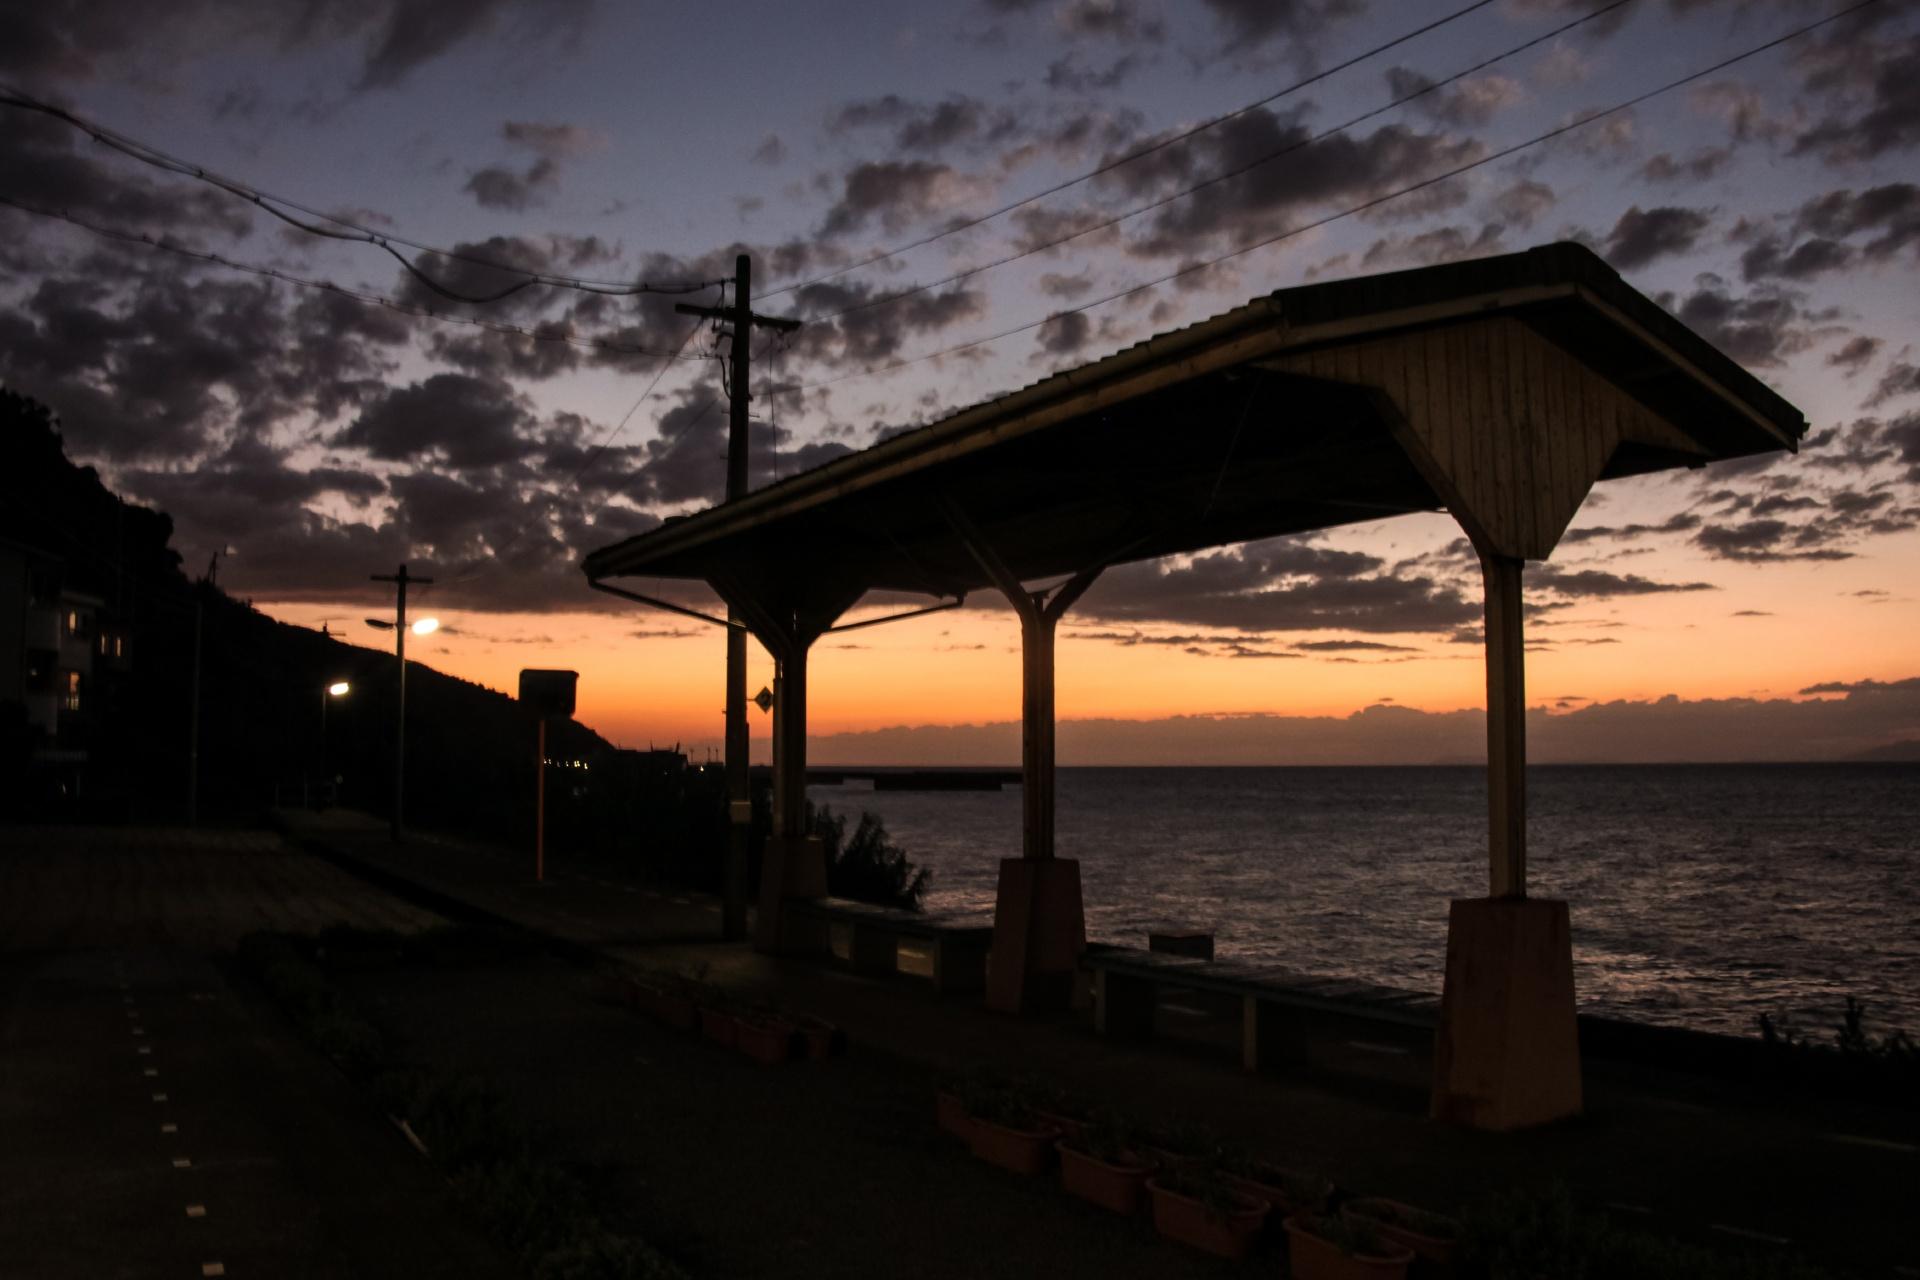 夕暮れの海と下灘駅 愛媛の風景